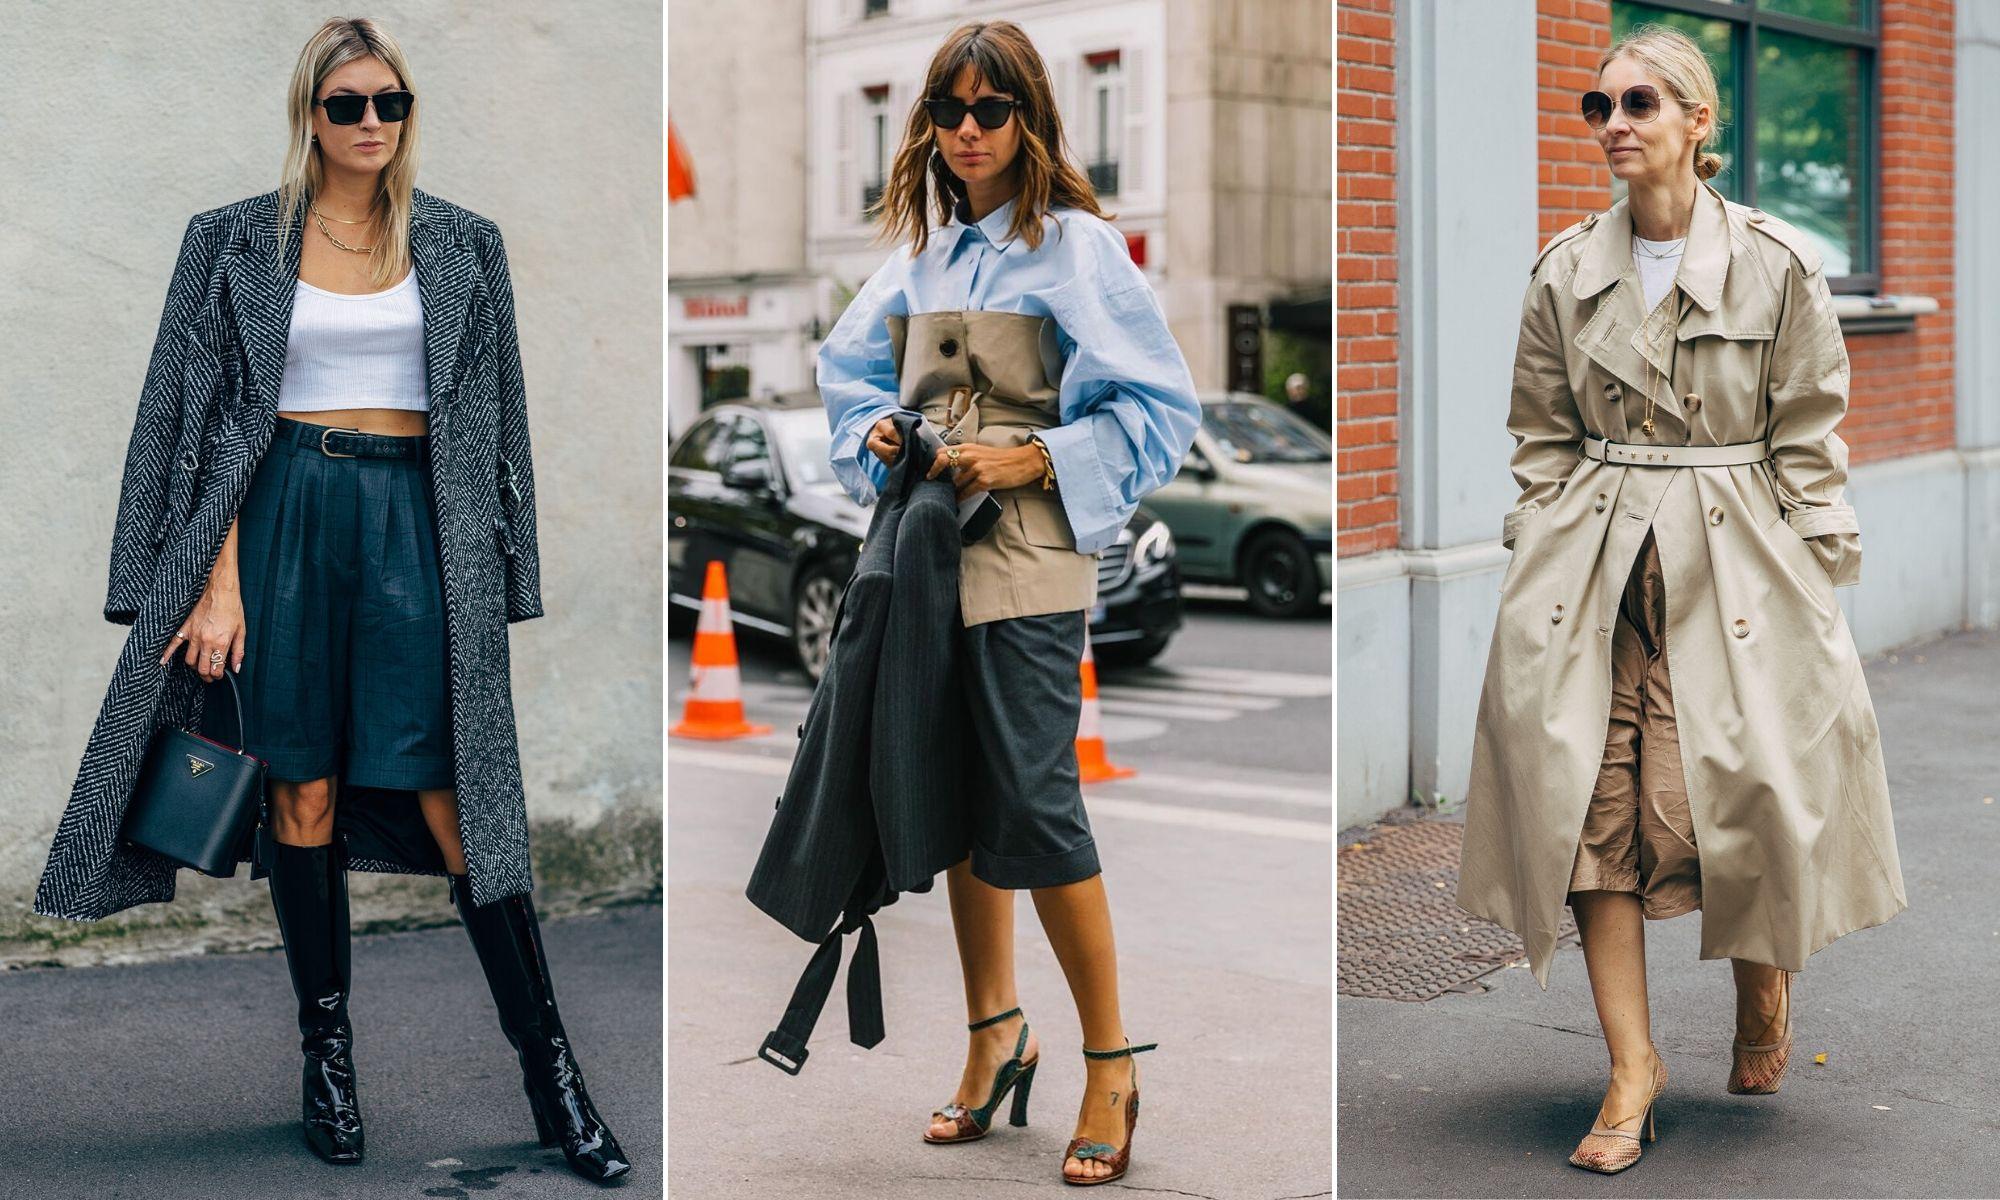 xu hướng thời trang 2020 xuân hè street style